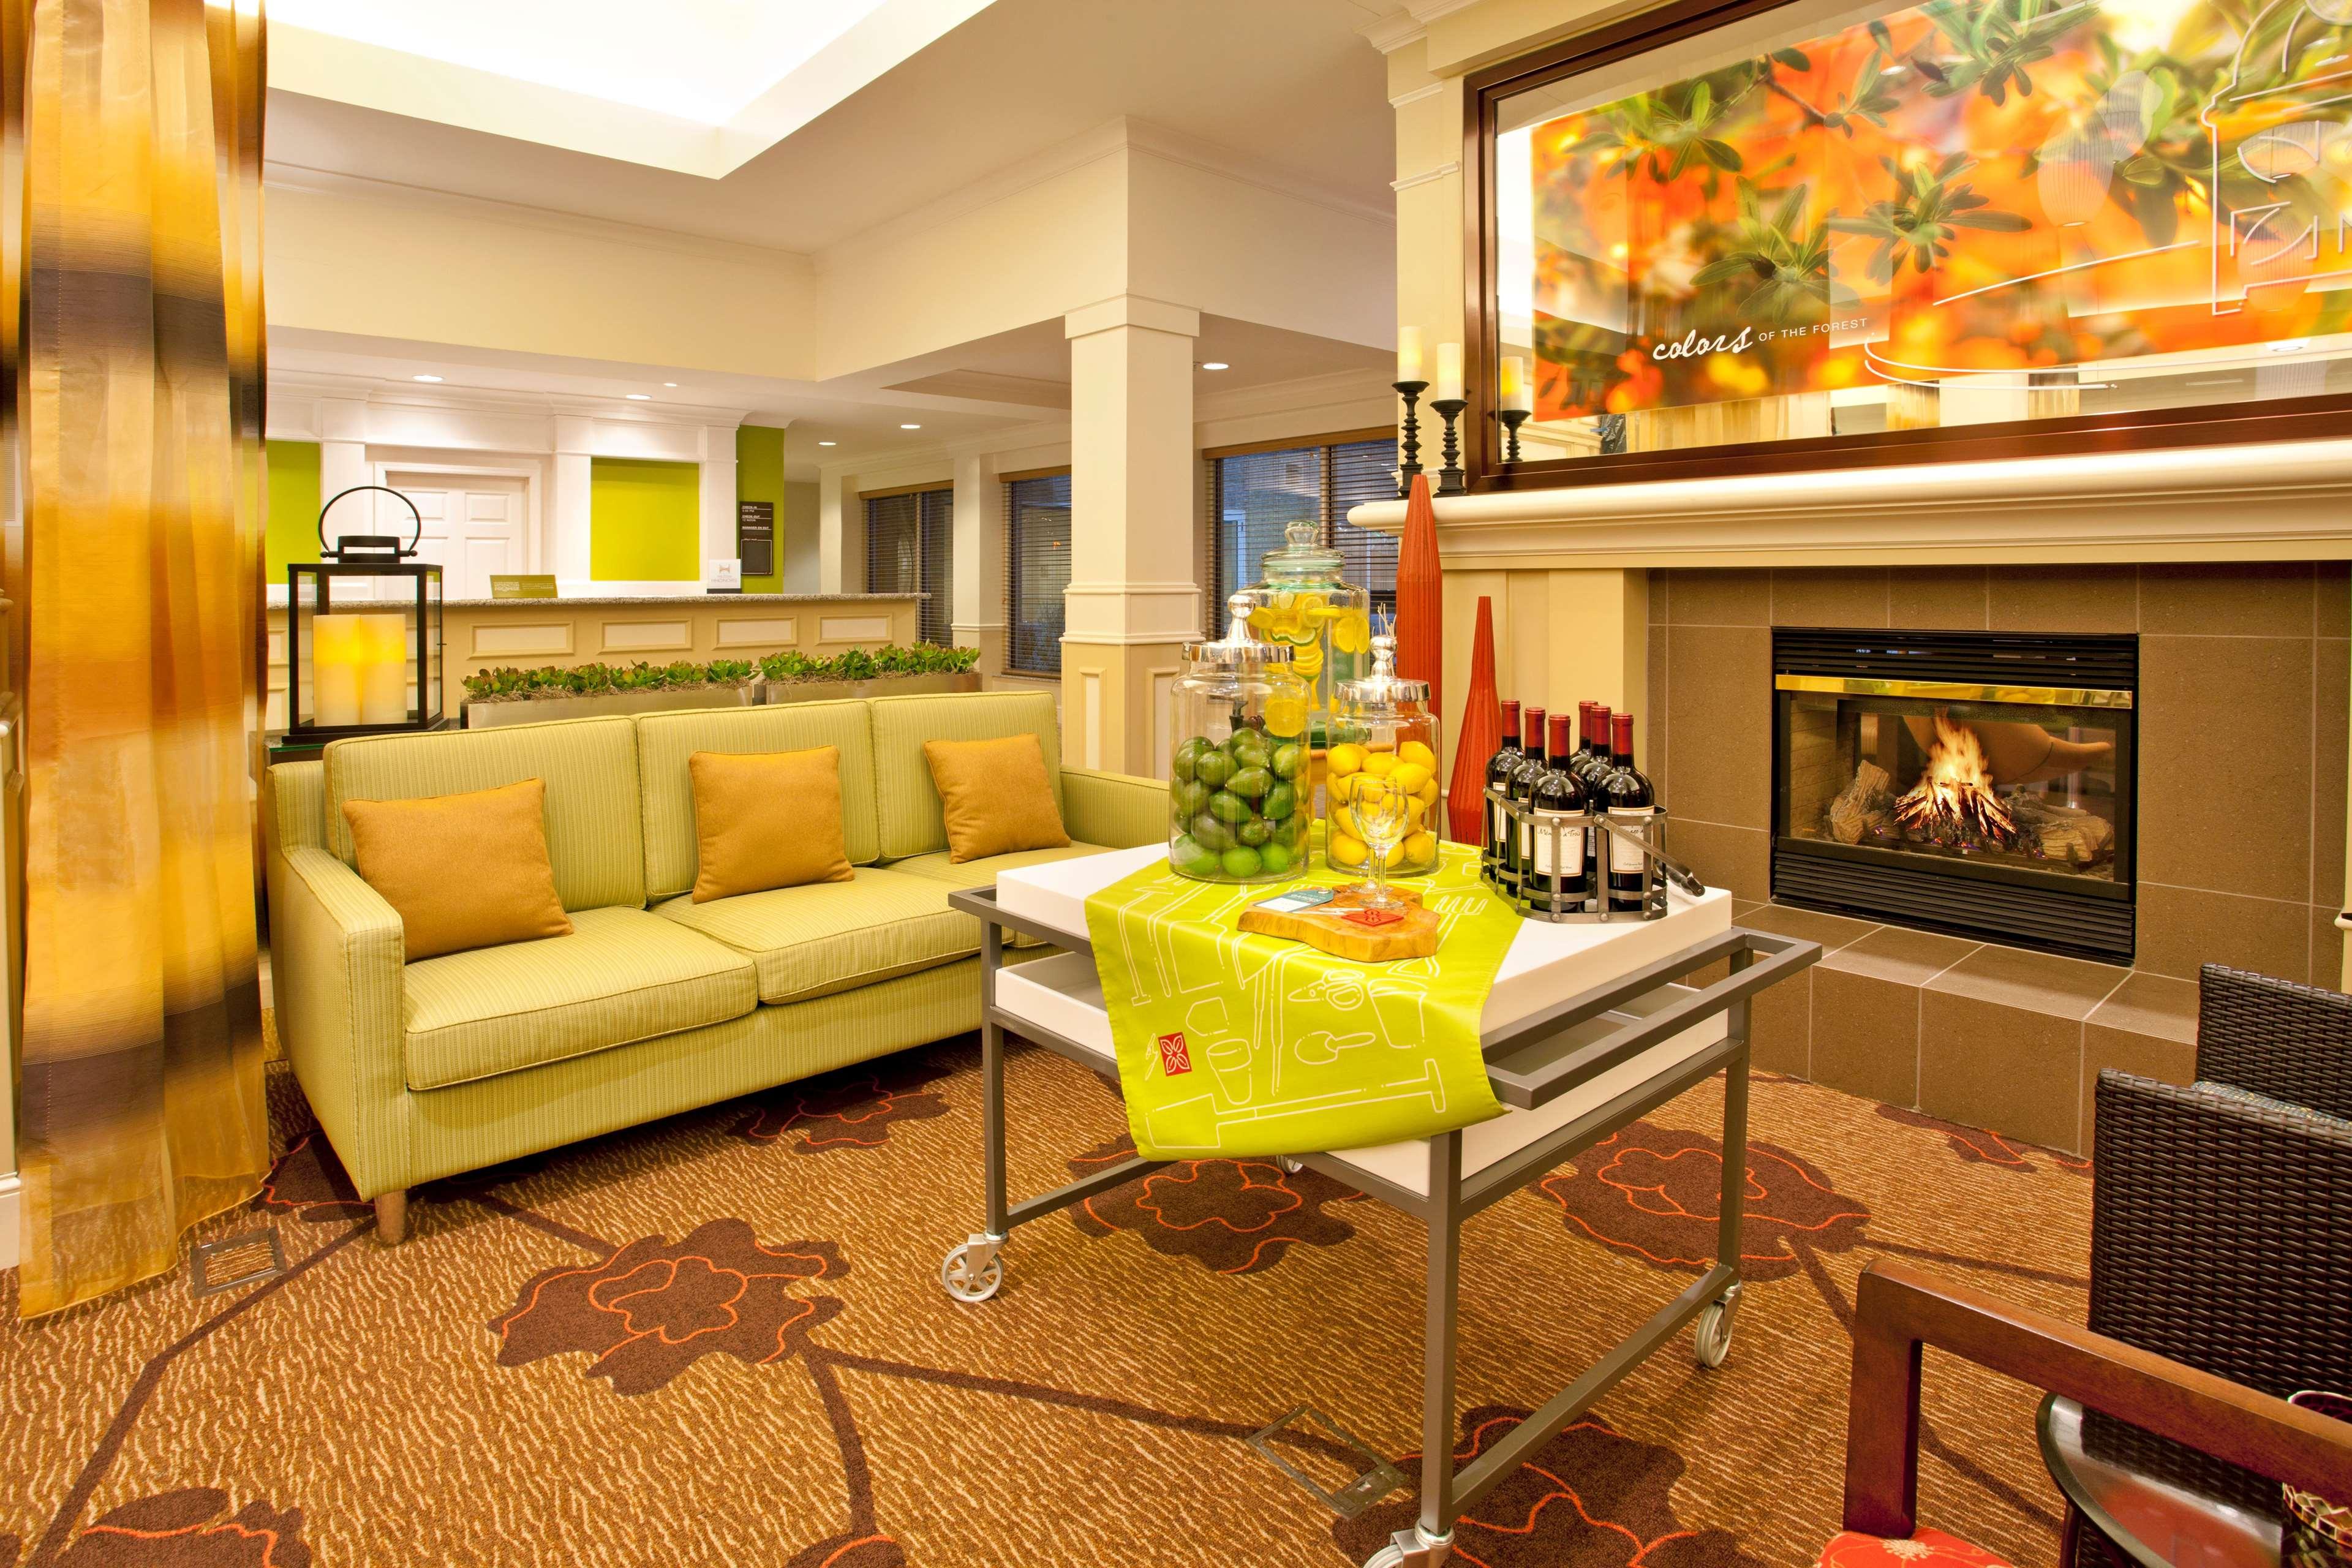 Hilton Garden Inn Minneapolis/Eden Prairie image 4